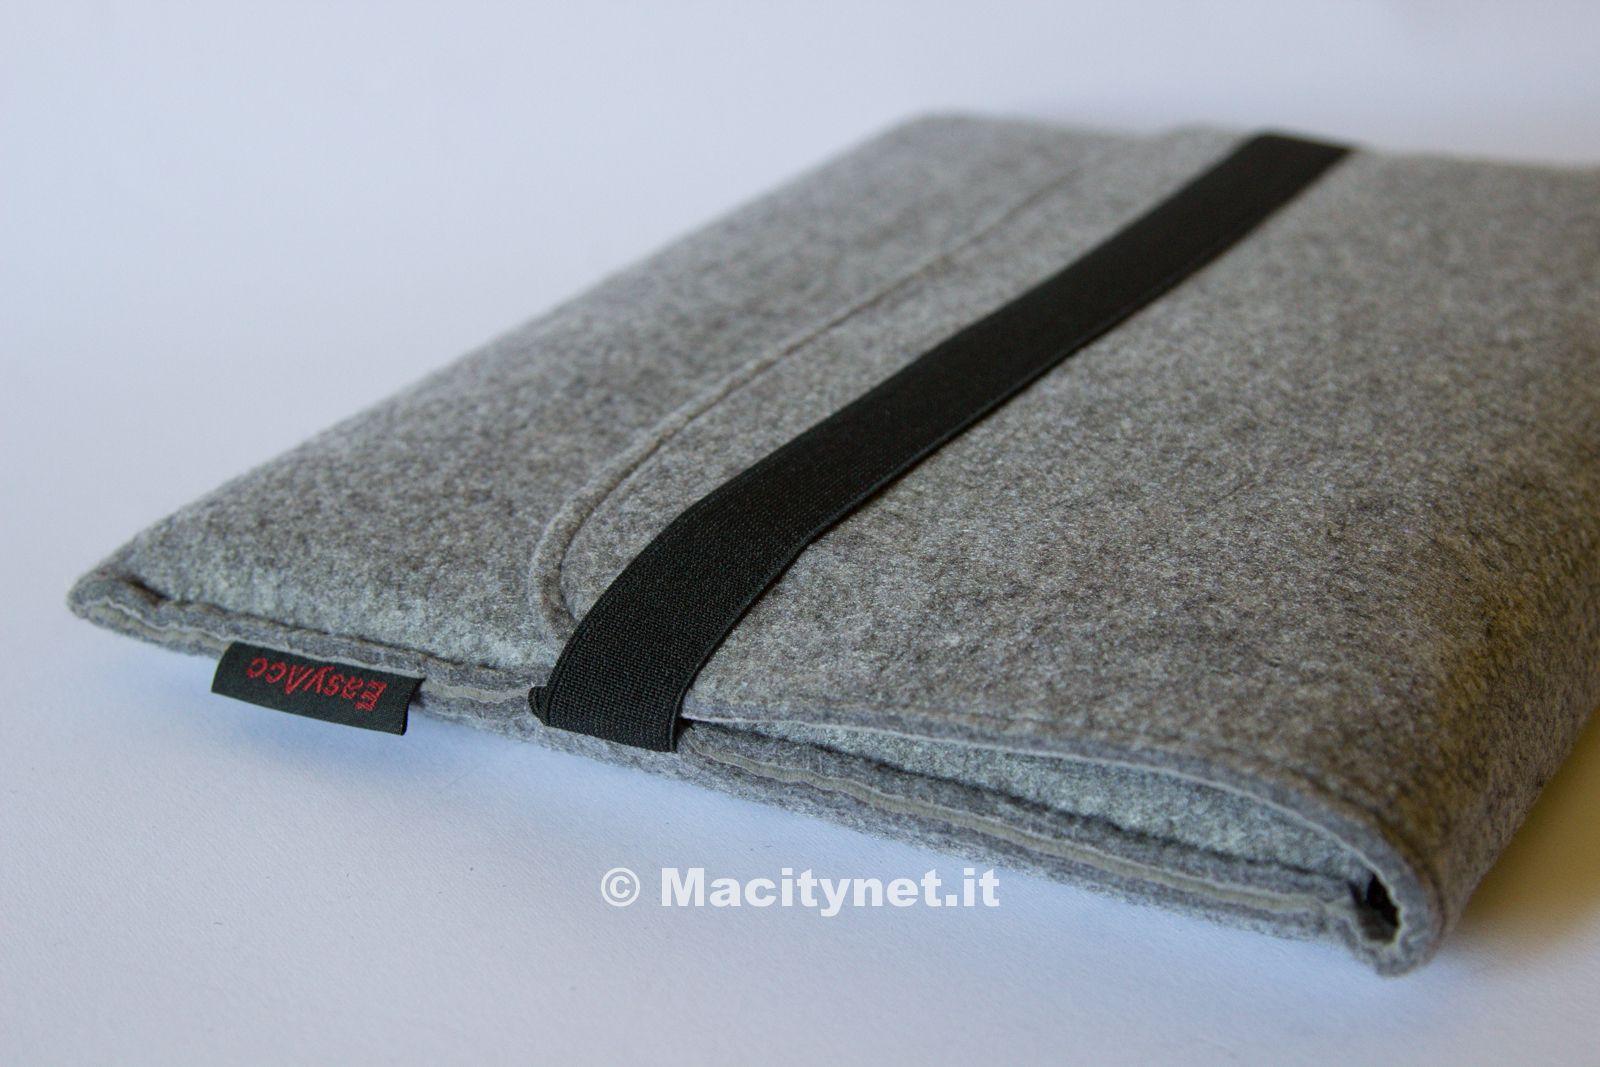 Recensione custodia easyacc la borsa in feltro con tasche for Bagaglio a mano con custodia per laptop rimovibile